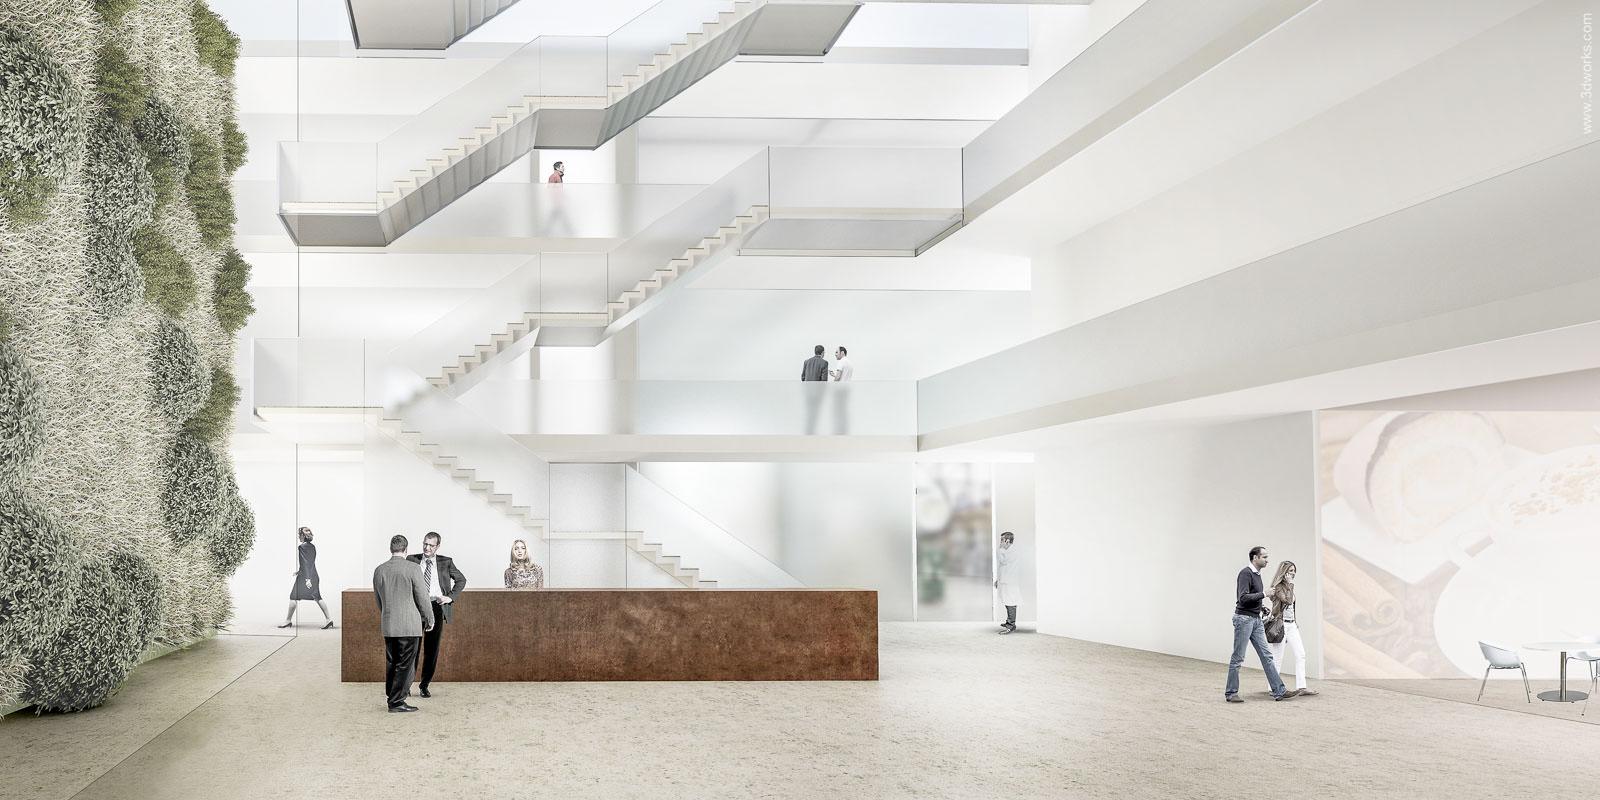 3D Visualisierung, Wettbewerbsperspektive / Raimar Herbst Architekten BDA